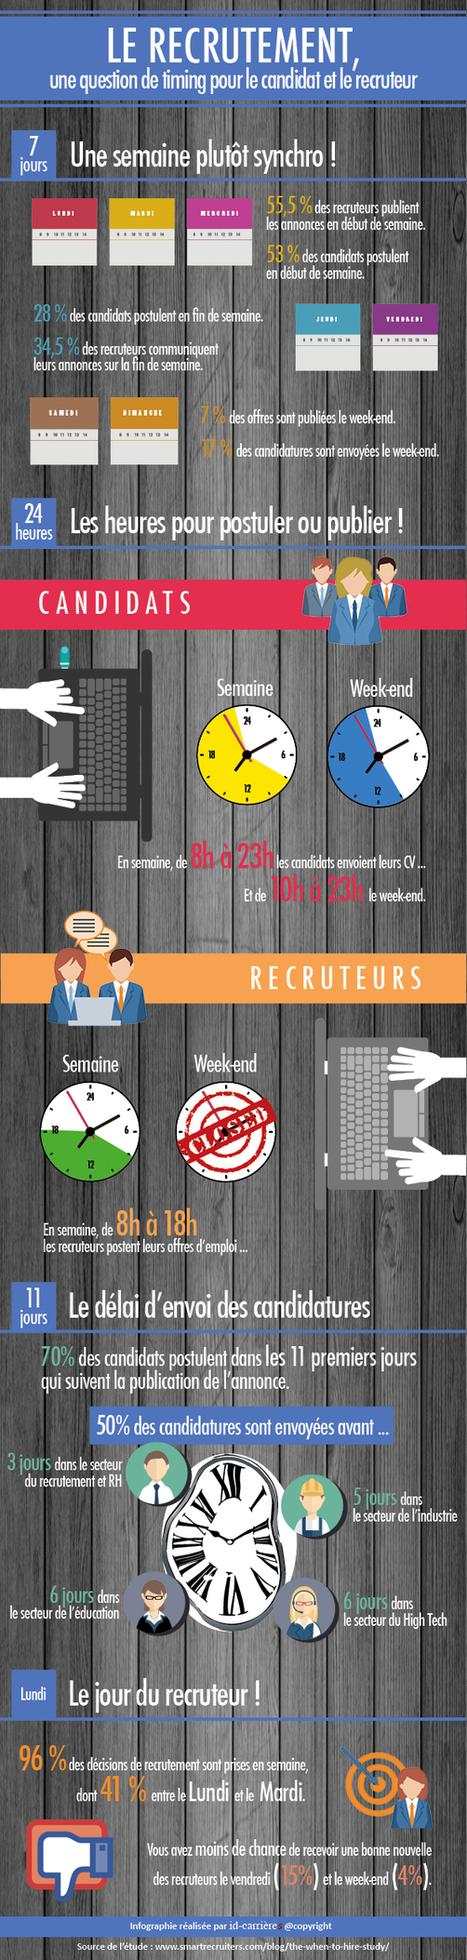 Recrutement, êtes-vous dans les temps ? Infographie id-carrieres - | Problématiques 2.0 | Scoop.it